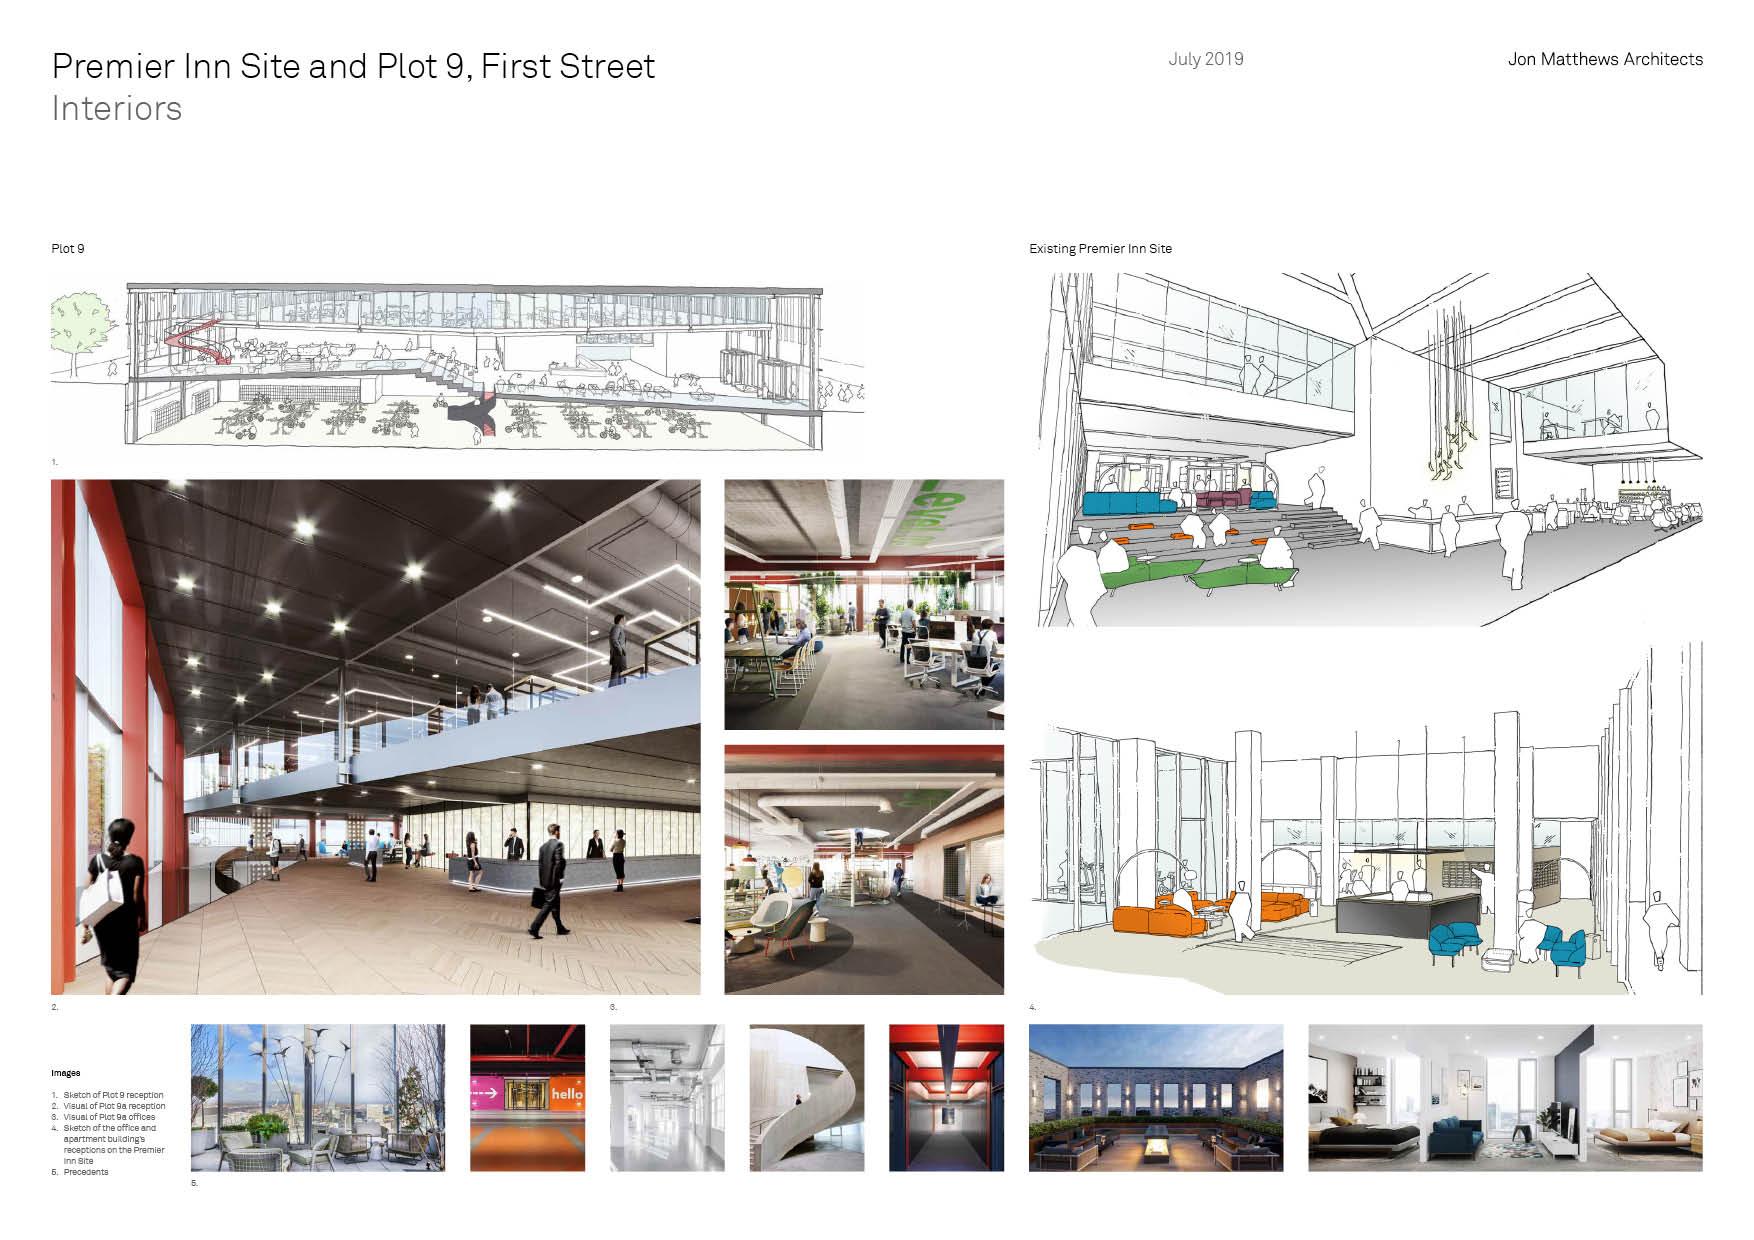 first_street_premier_inn_plot_9_14.jpg